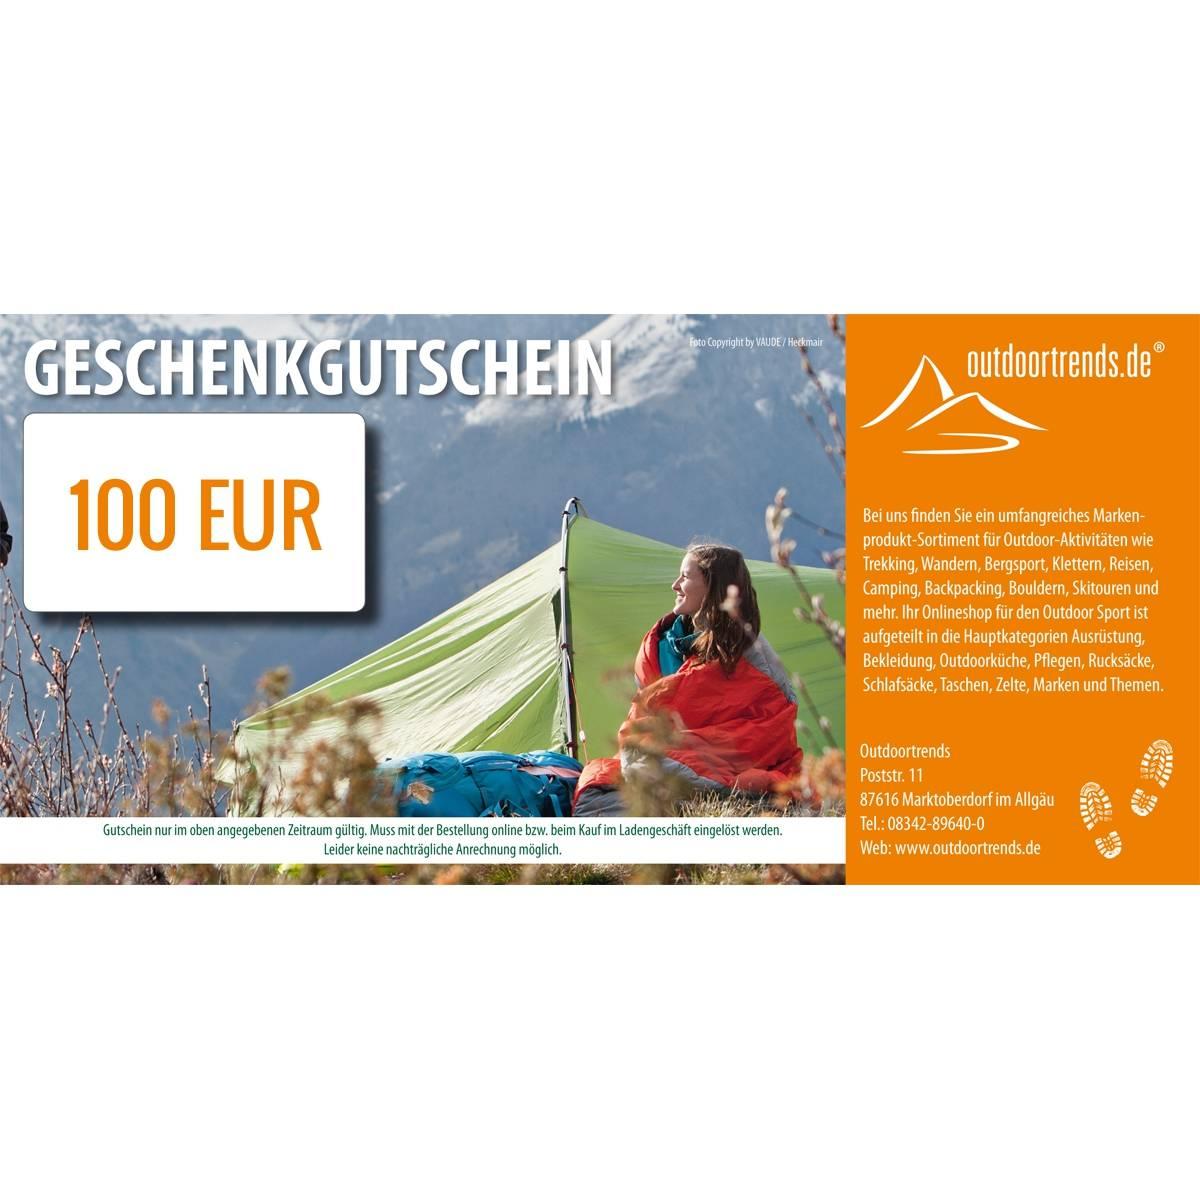 outdoortrends Geschenkgutschein - 100 EUR - Bild 1